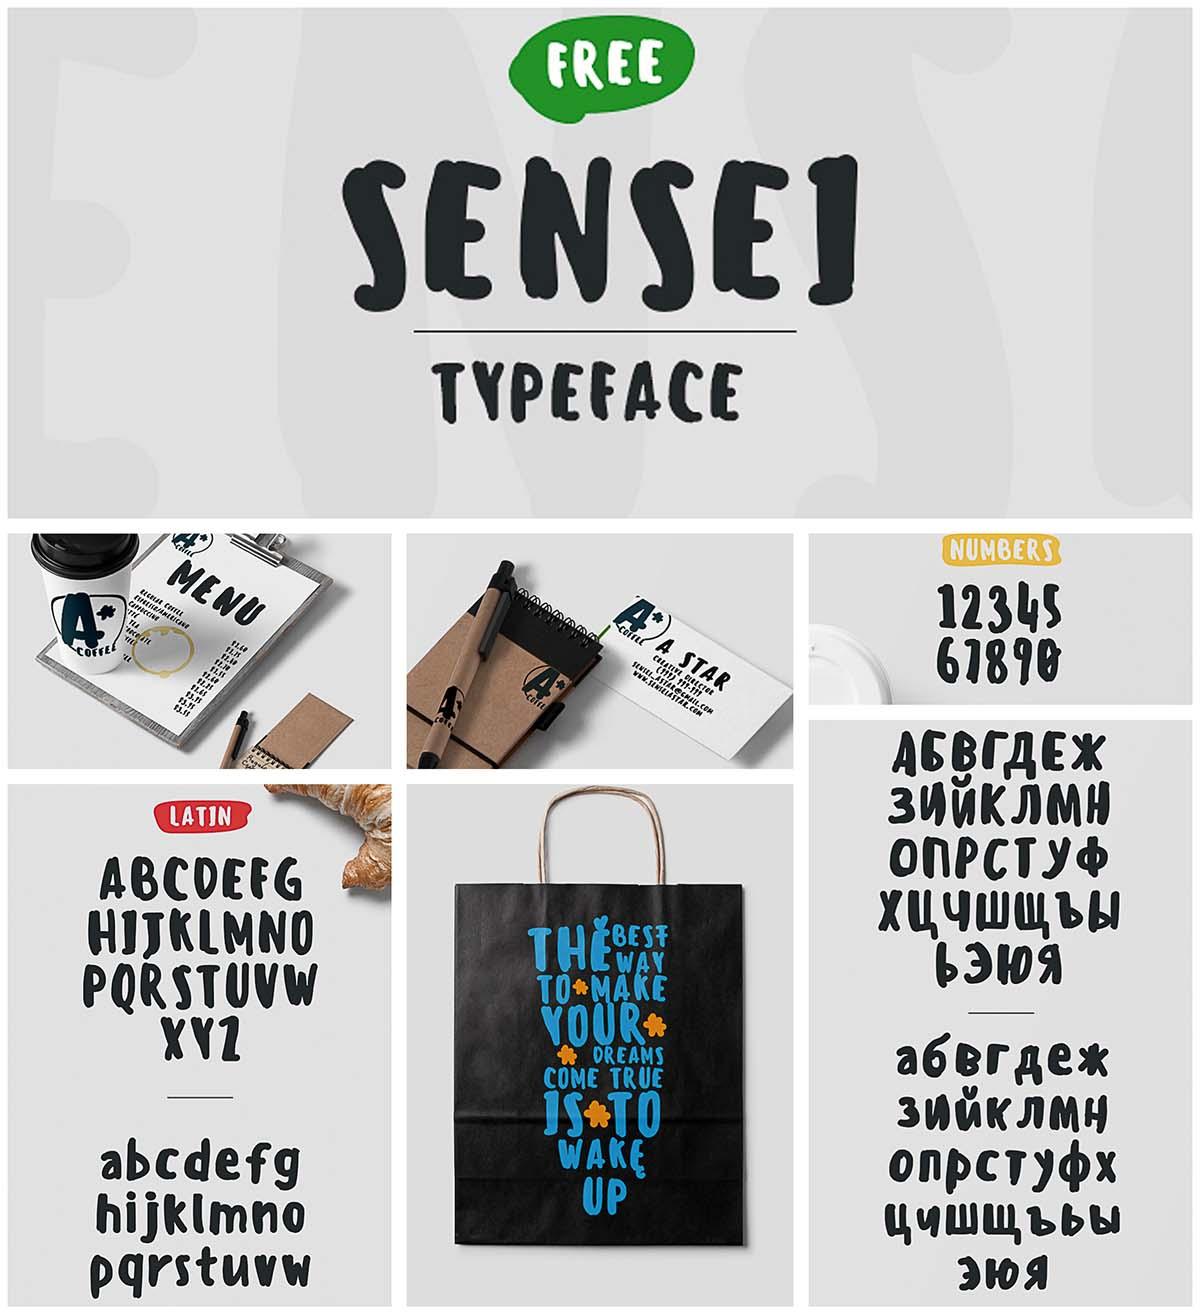 Sensei typeface cyrillic